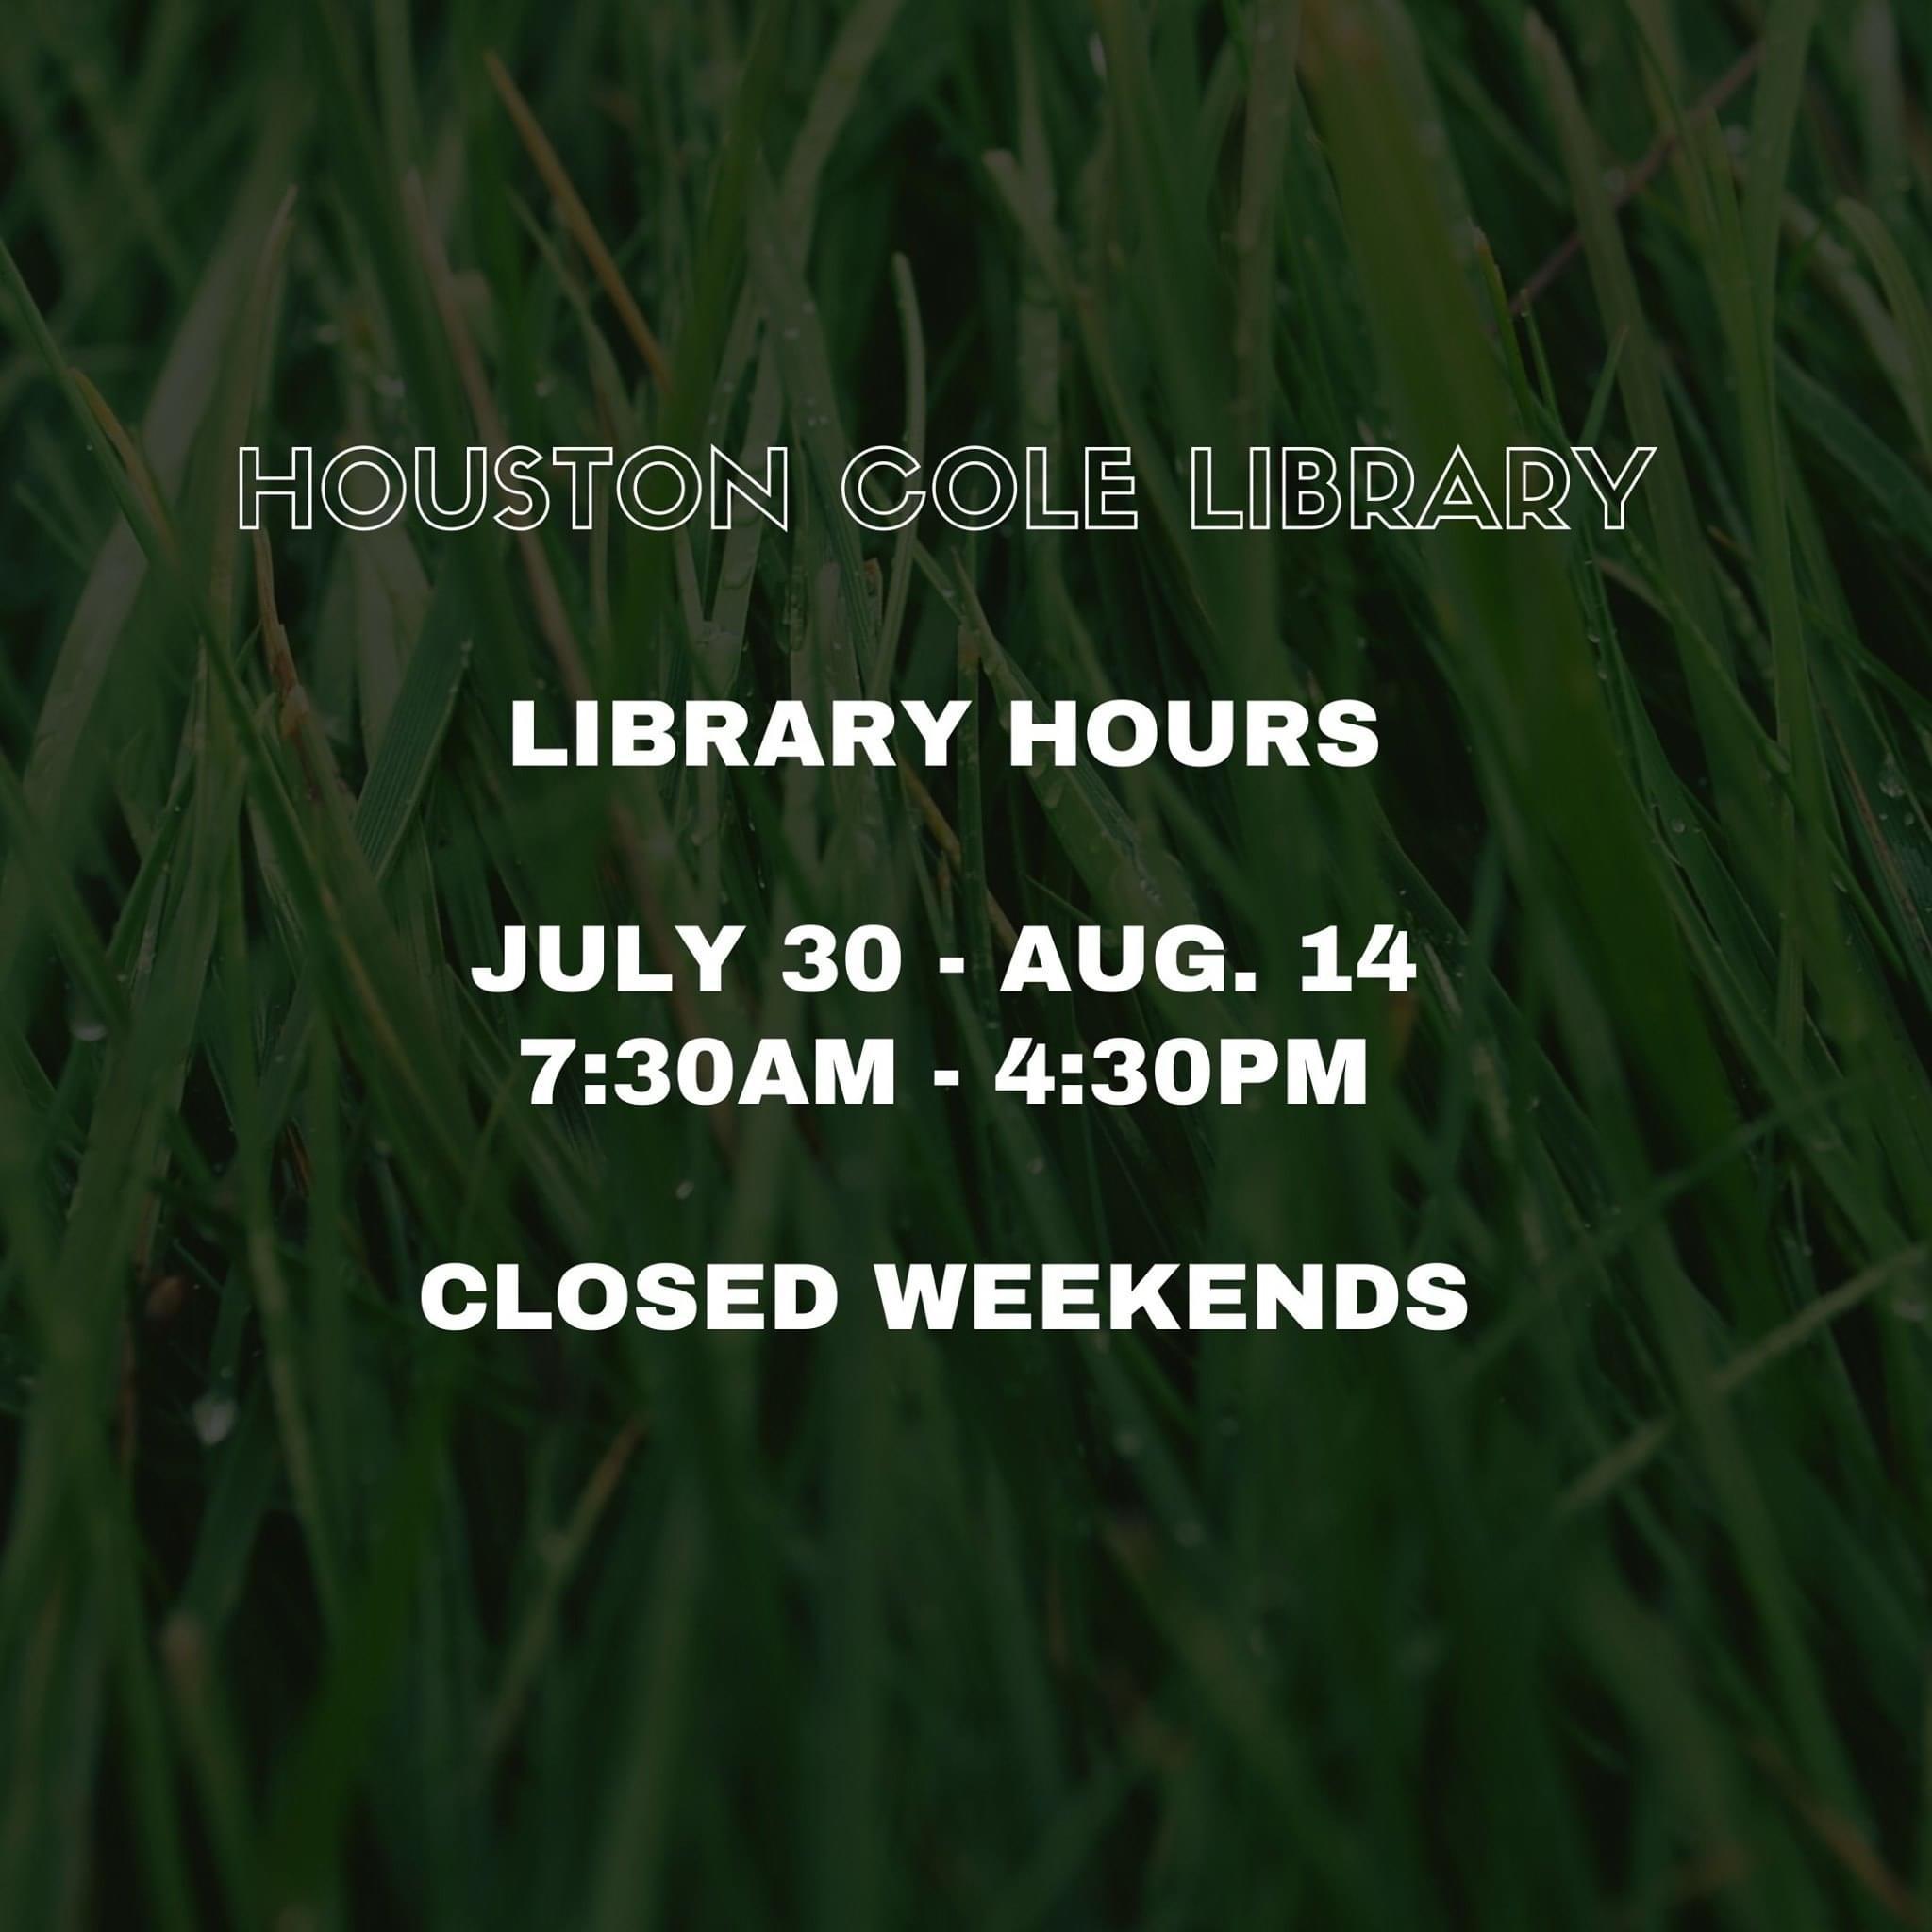 Semester break hours for July 30 - August 14, 2021.